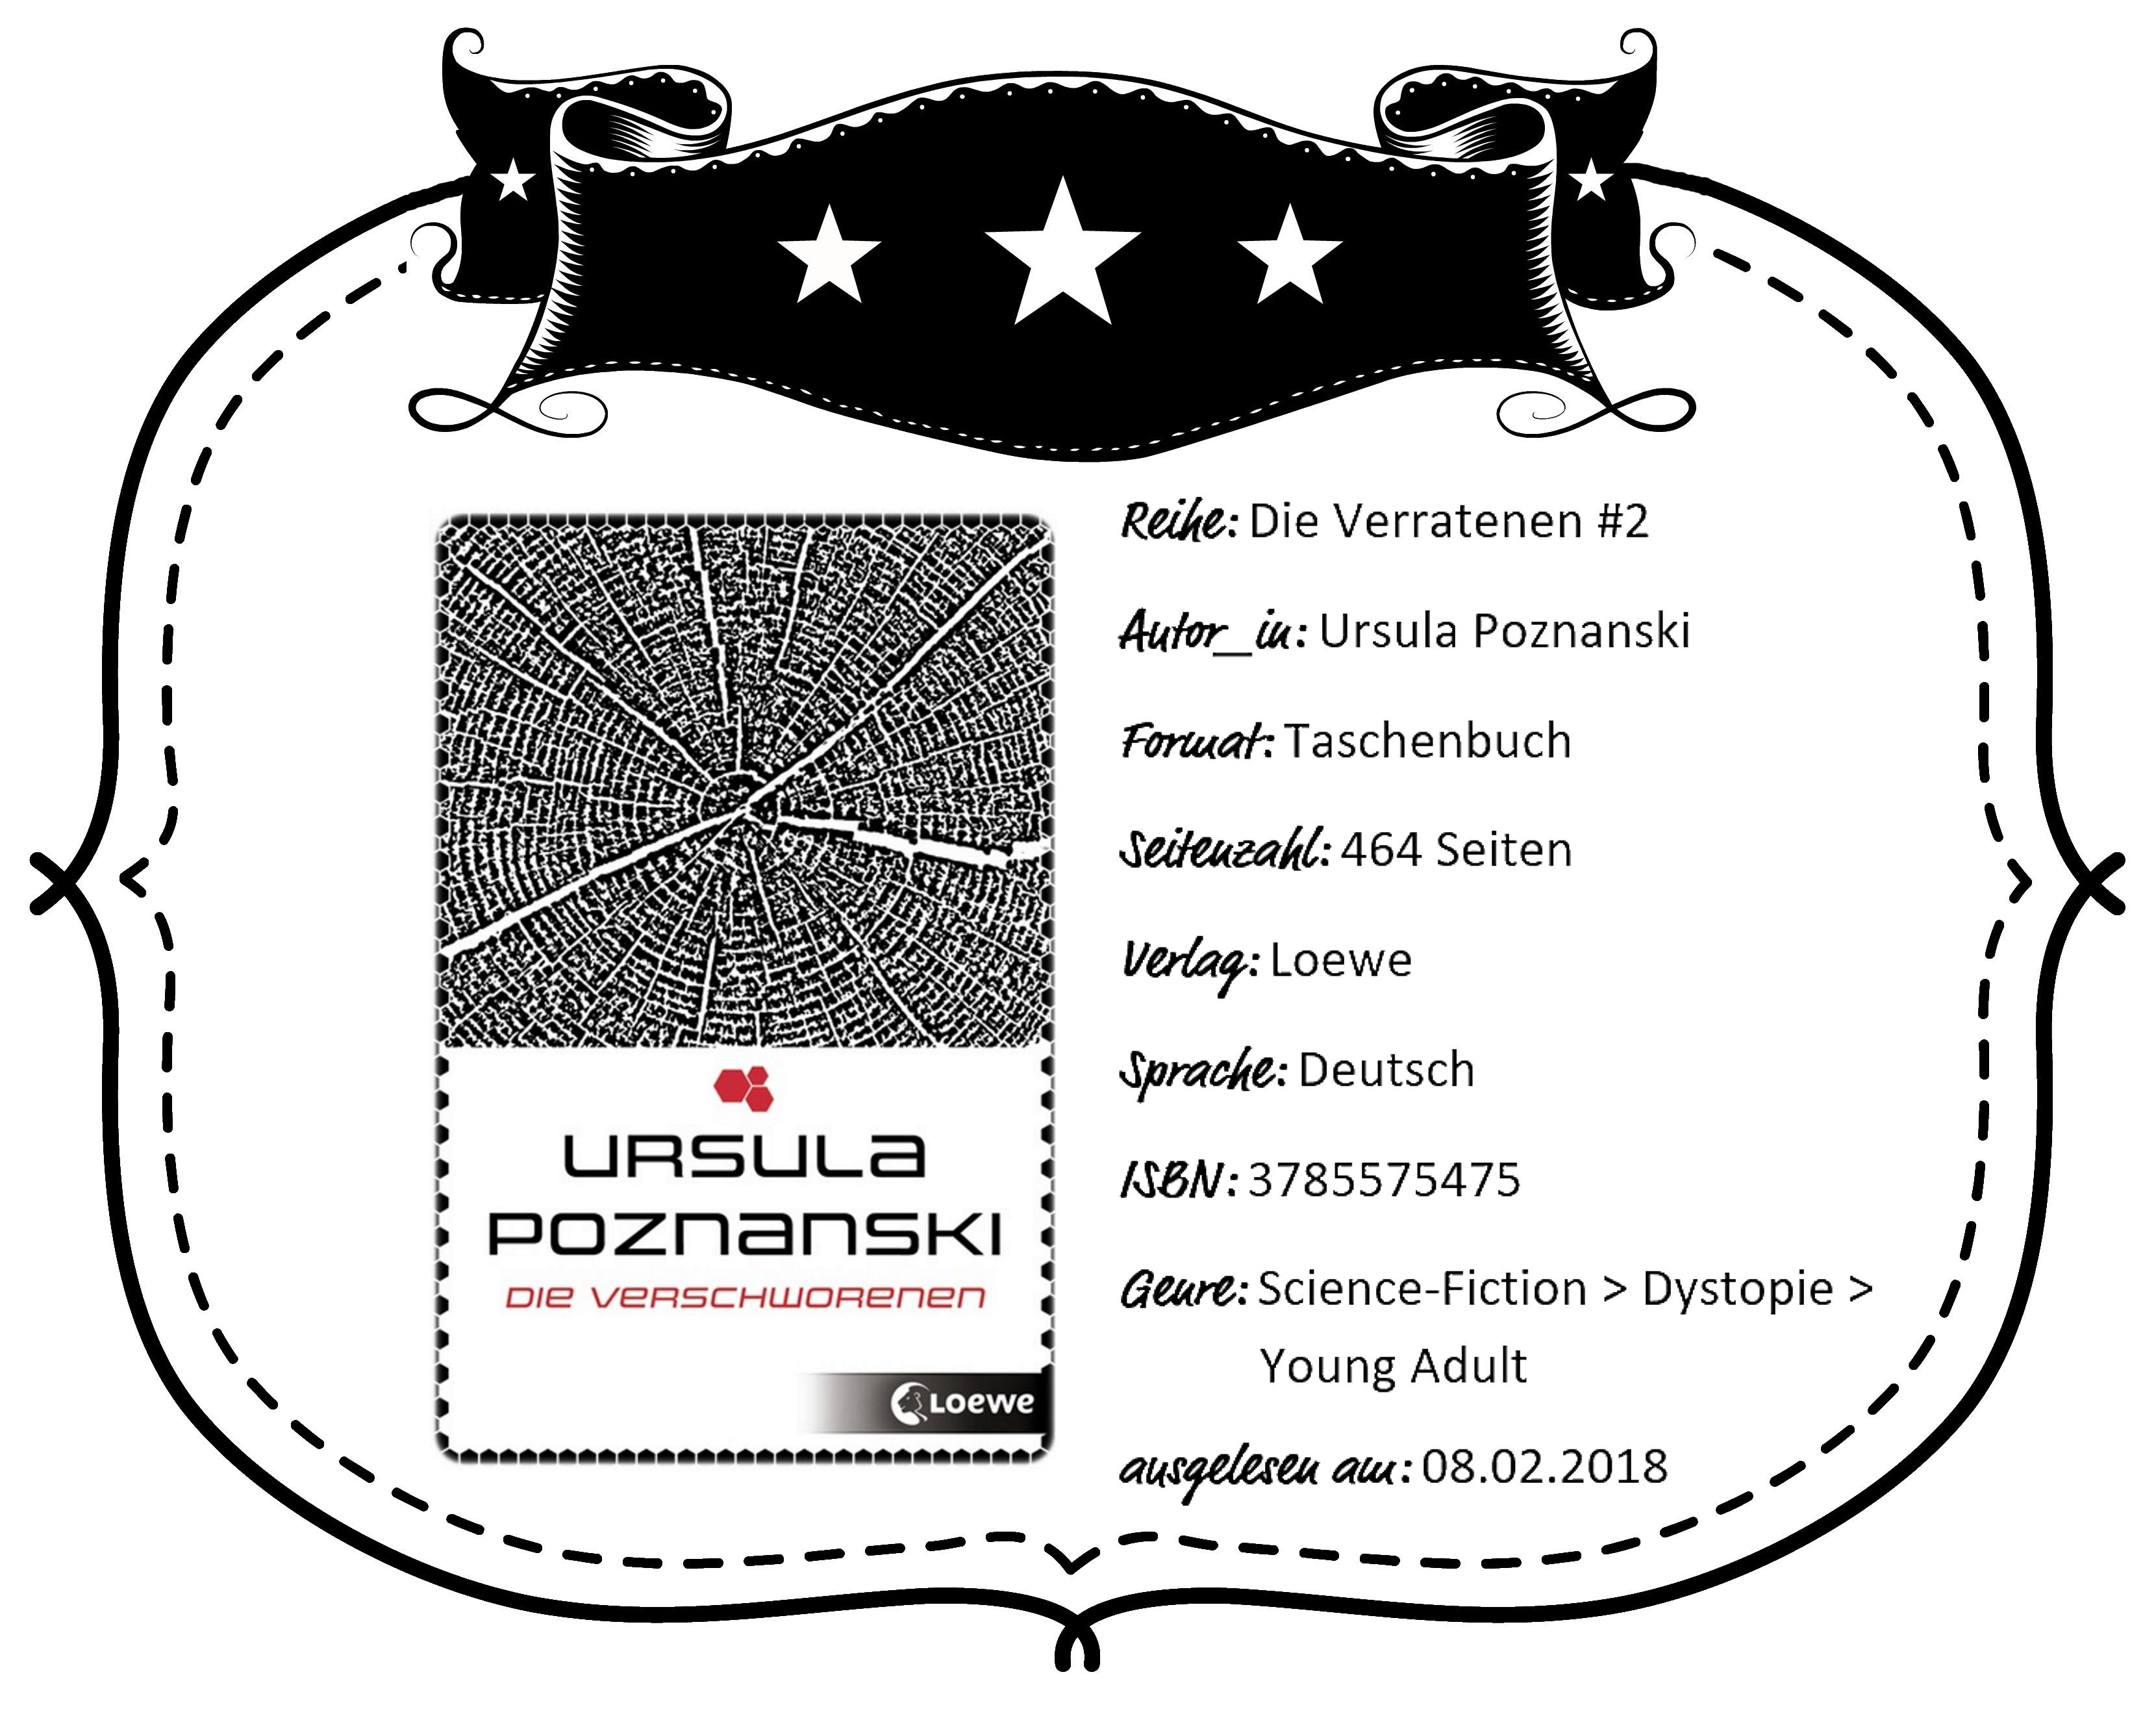 Betrachtet Man Die Liste Der Werke Von Ursula Poznanski, Fällt Die  Dystopische U201eDie Verratenenu201c Trilogie Als Ungewöhnlich Auf.